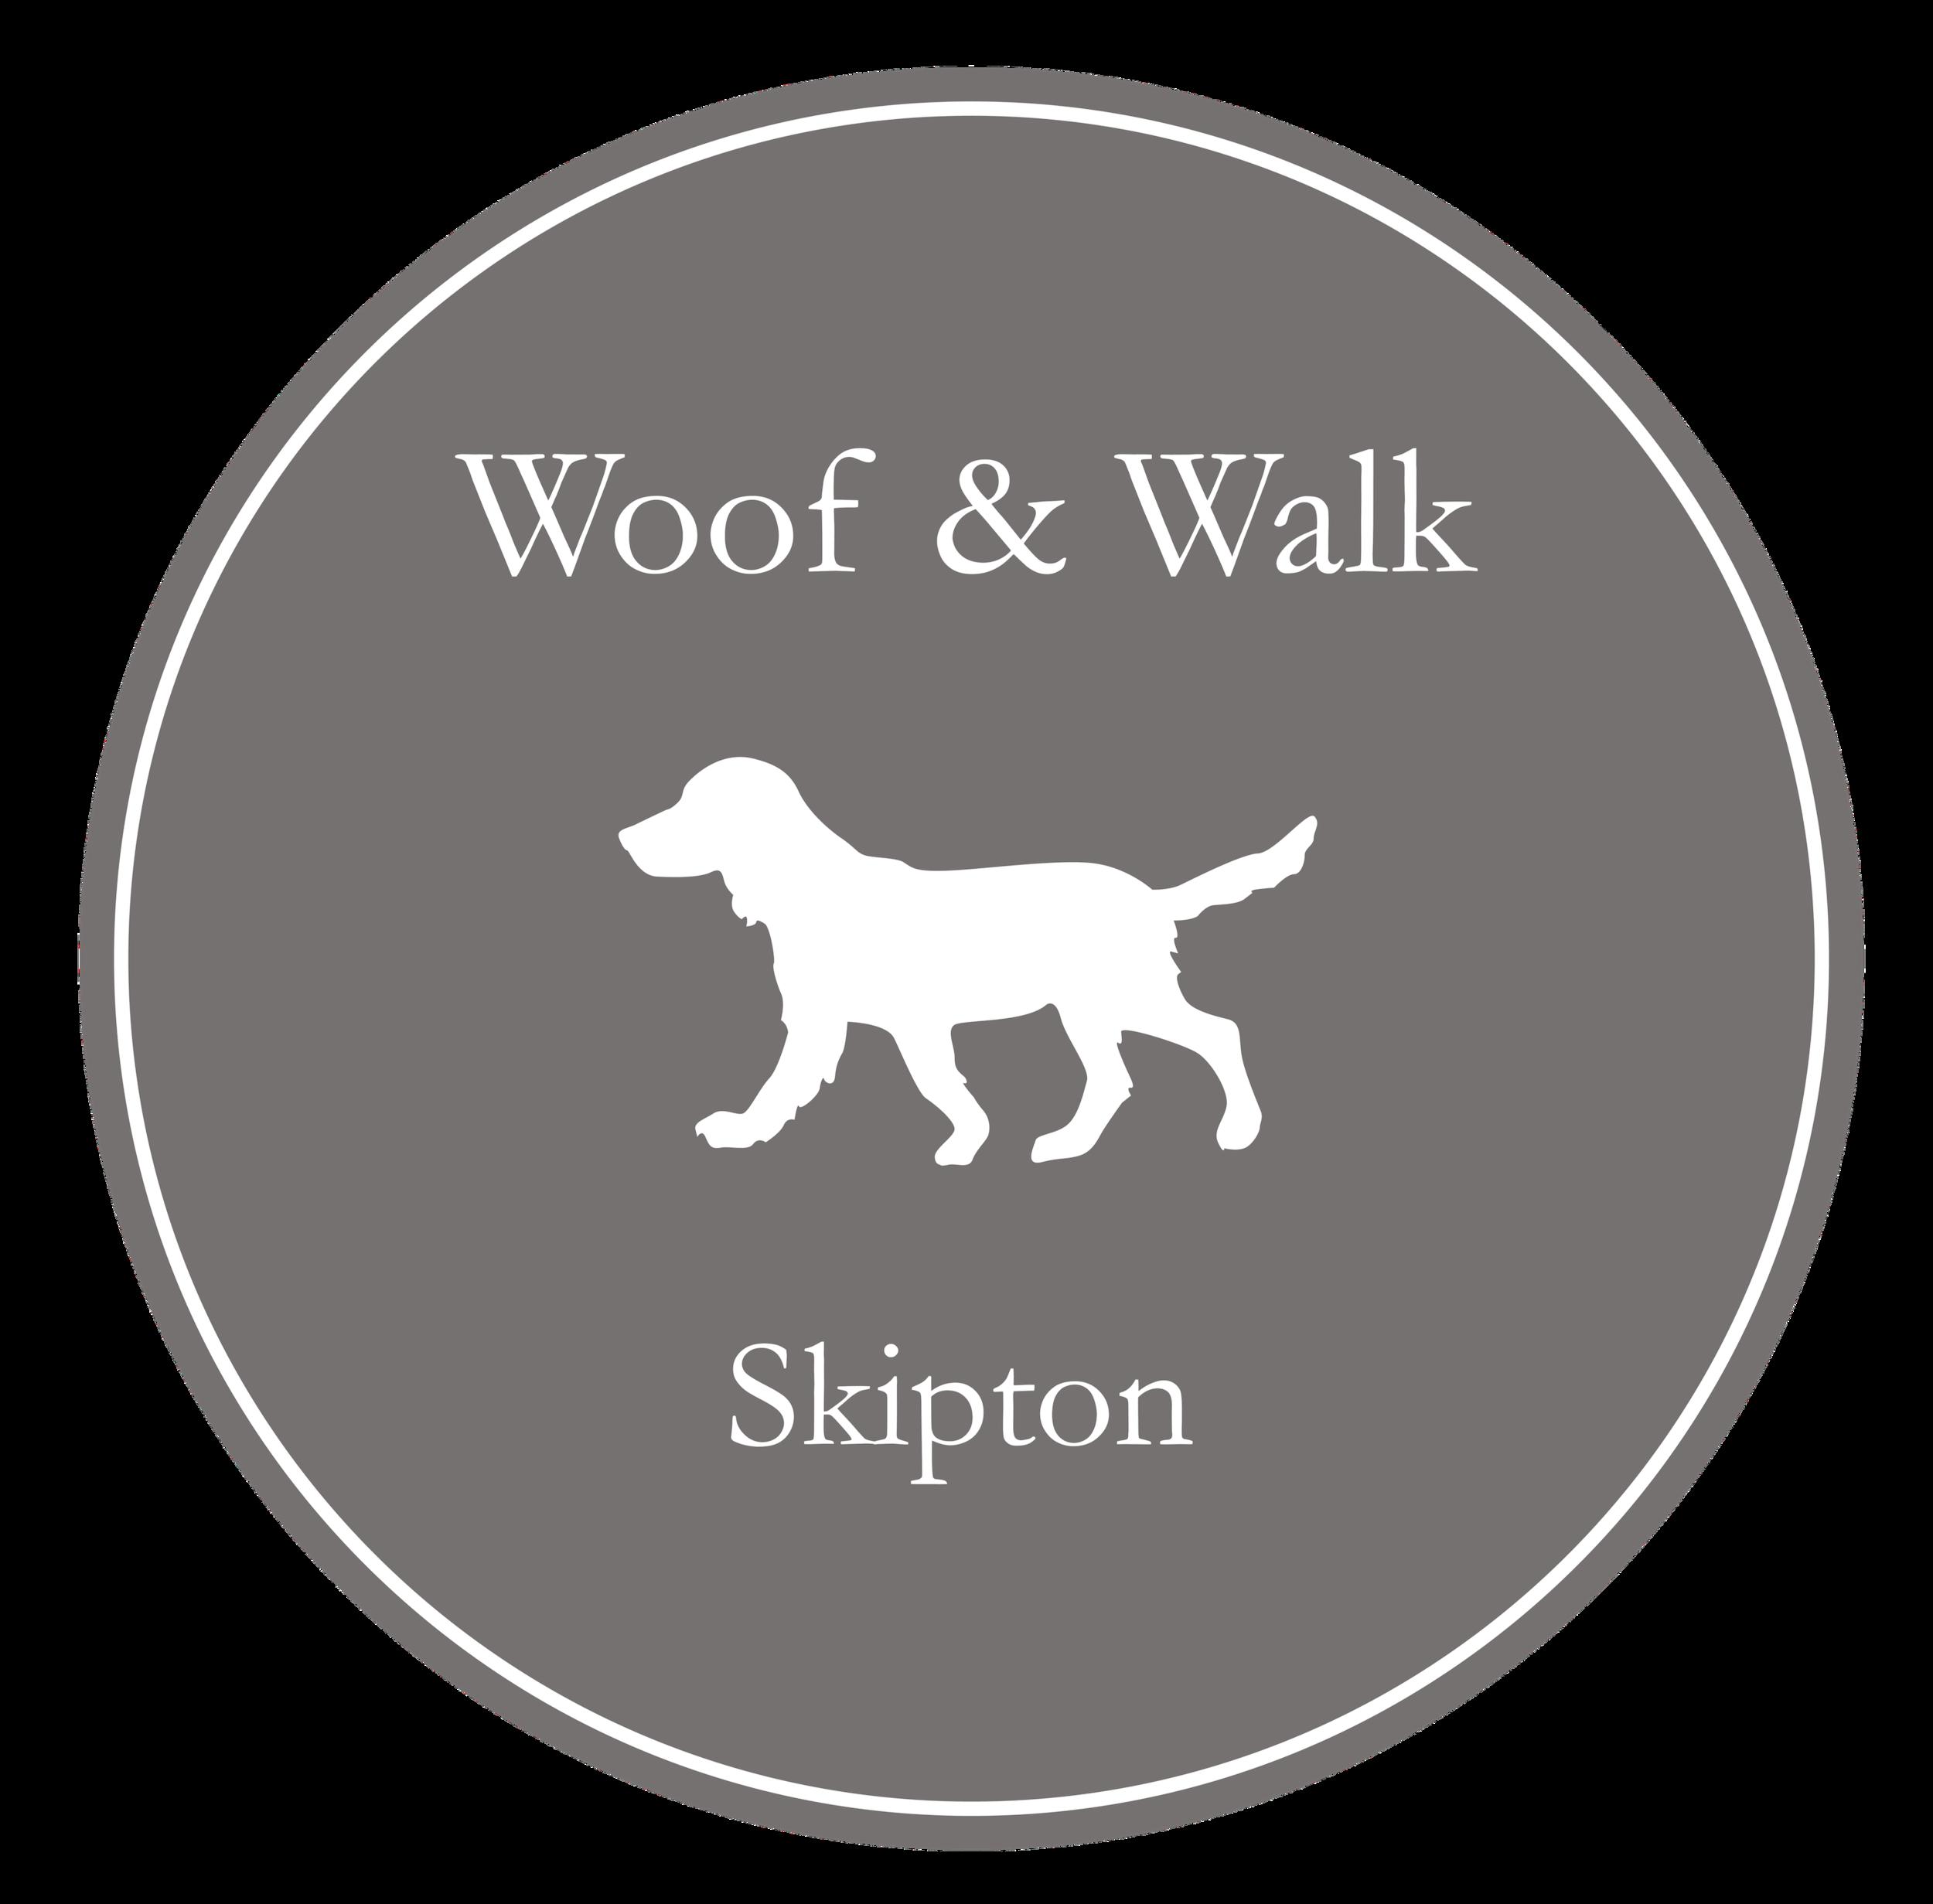 Woof and Walk Skipton